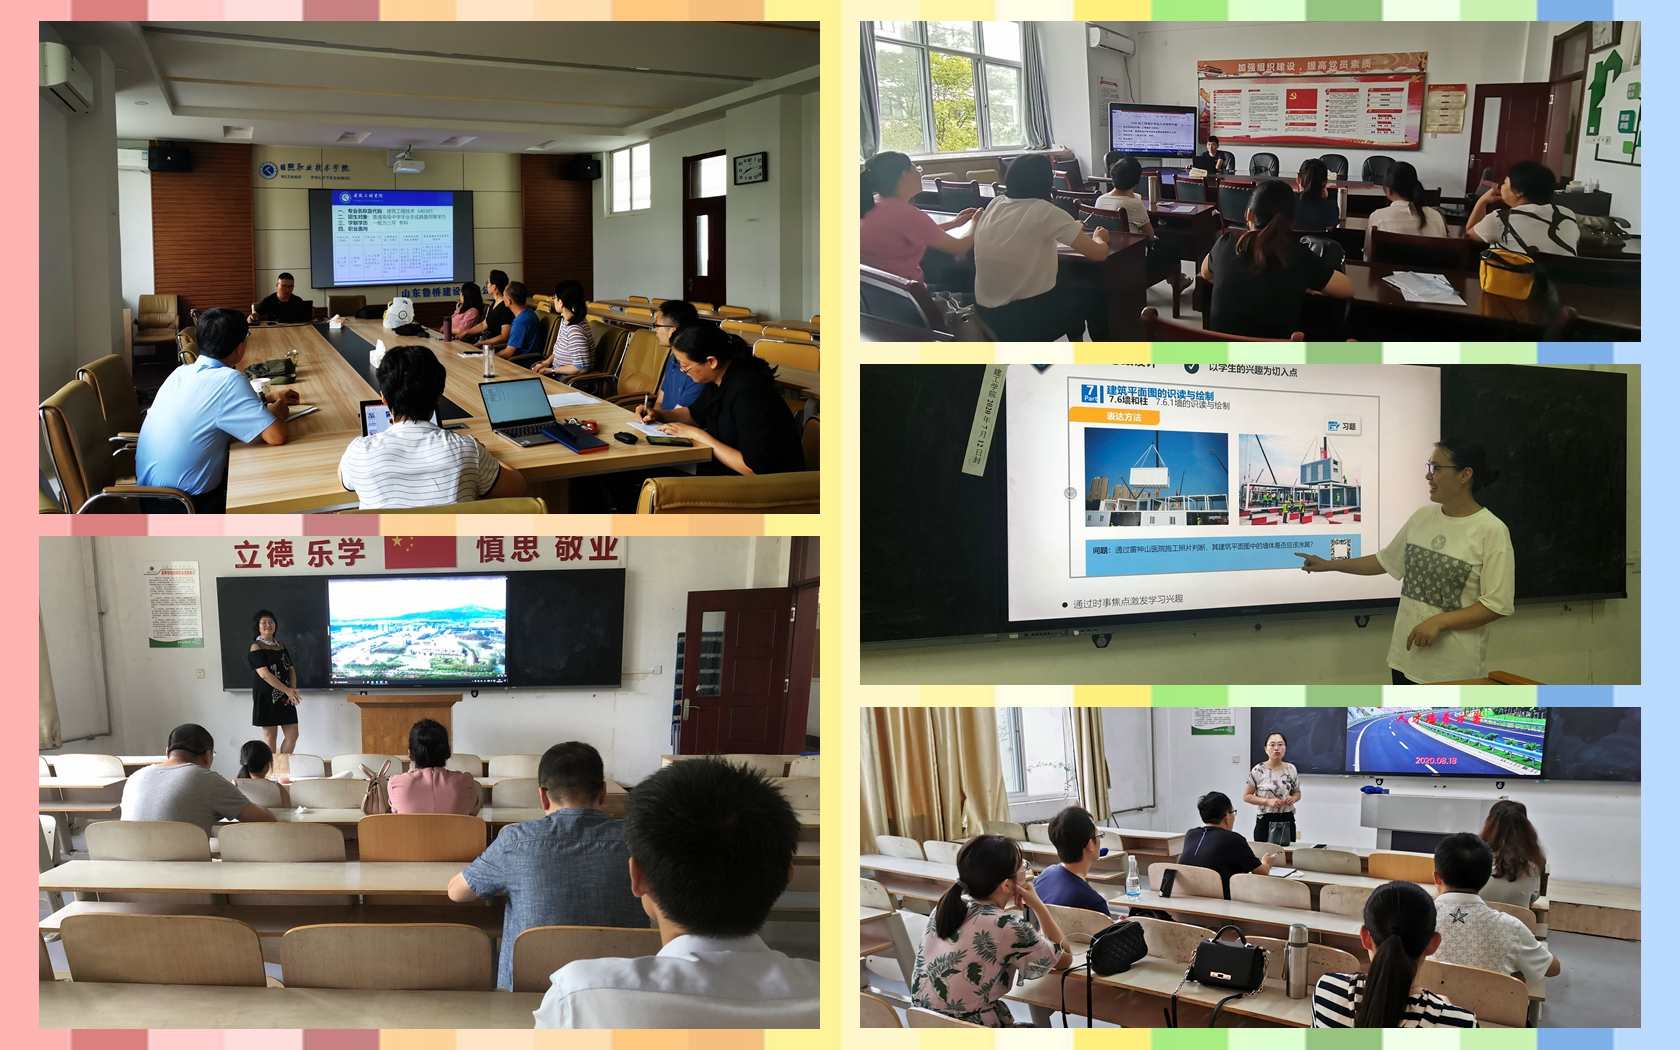 建筑工程学院组织开展说课、说专业...